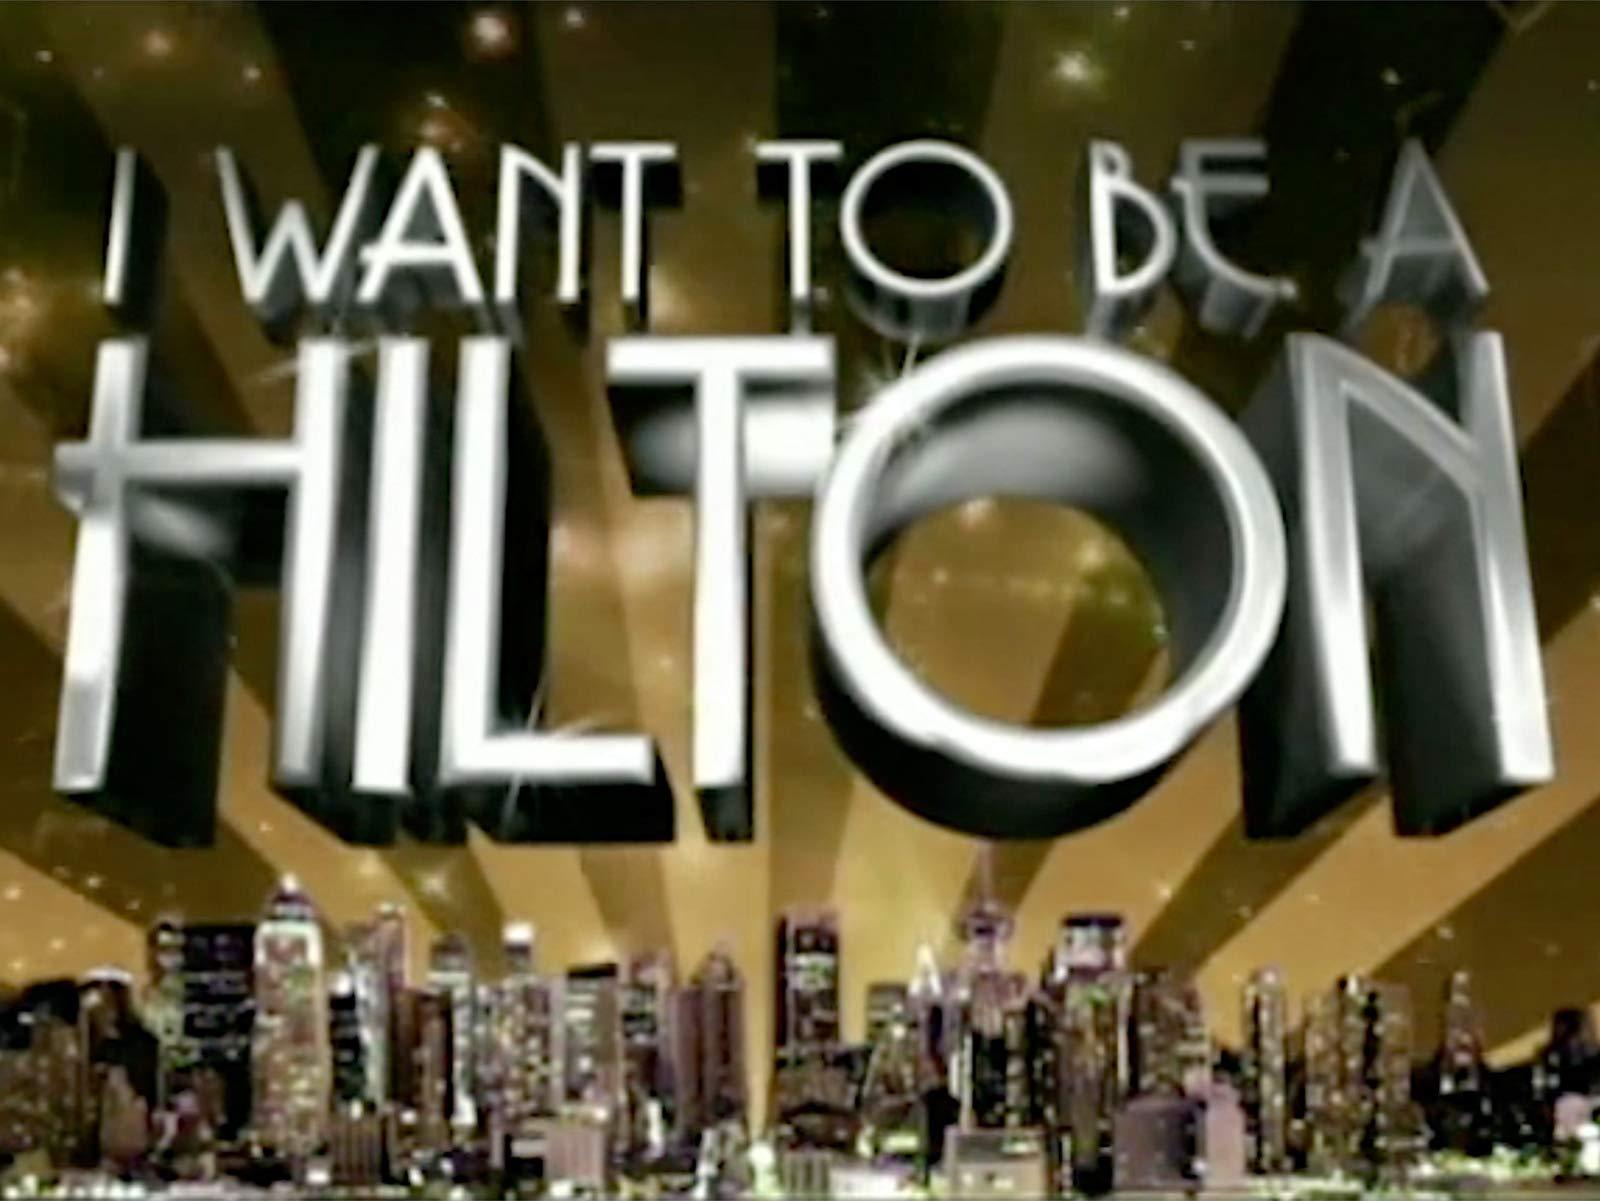 I Want To Be A Hilton